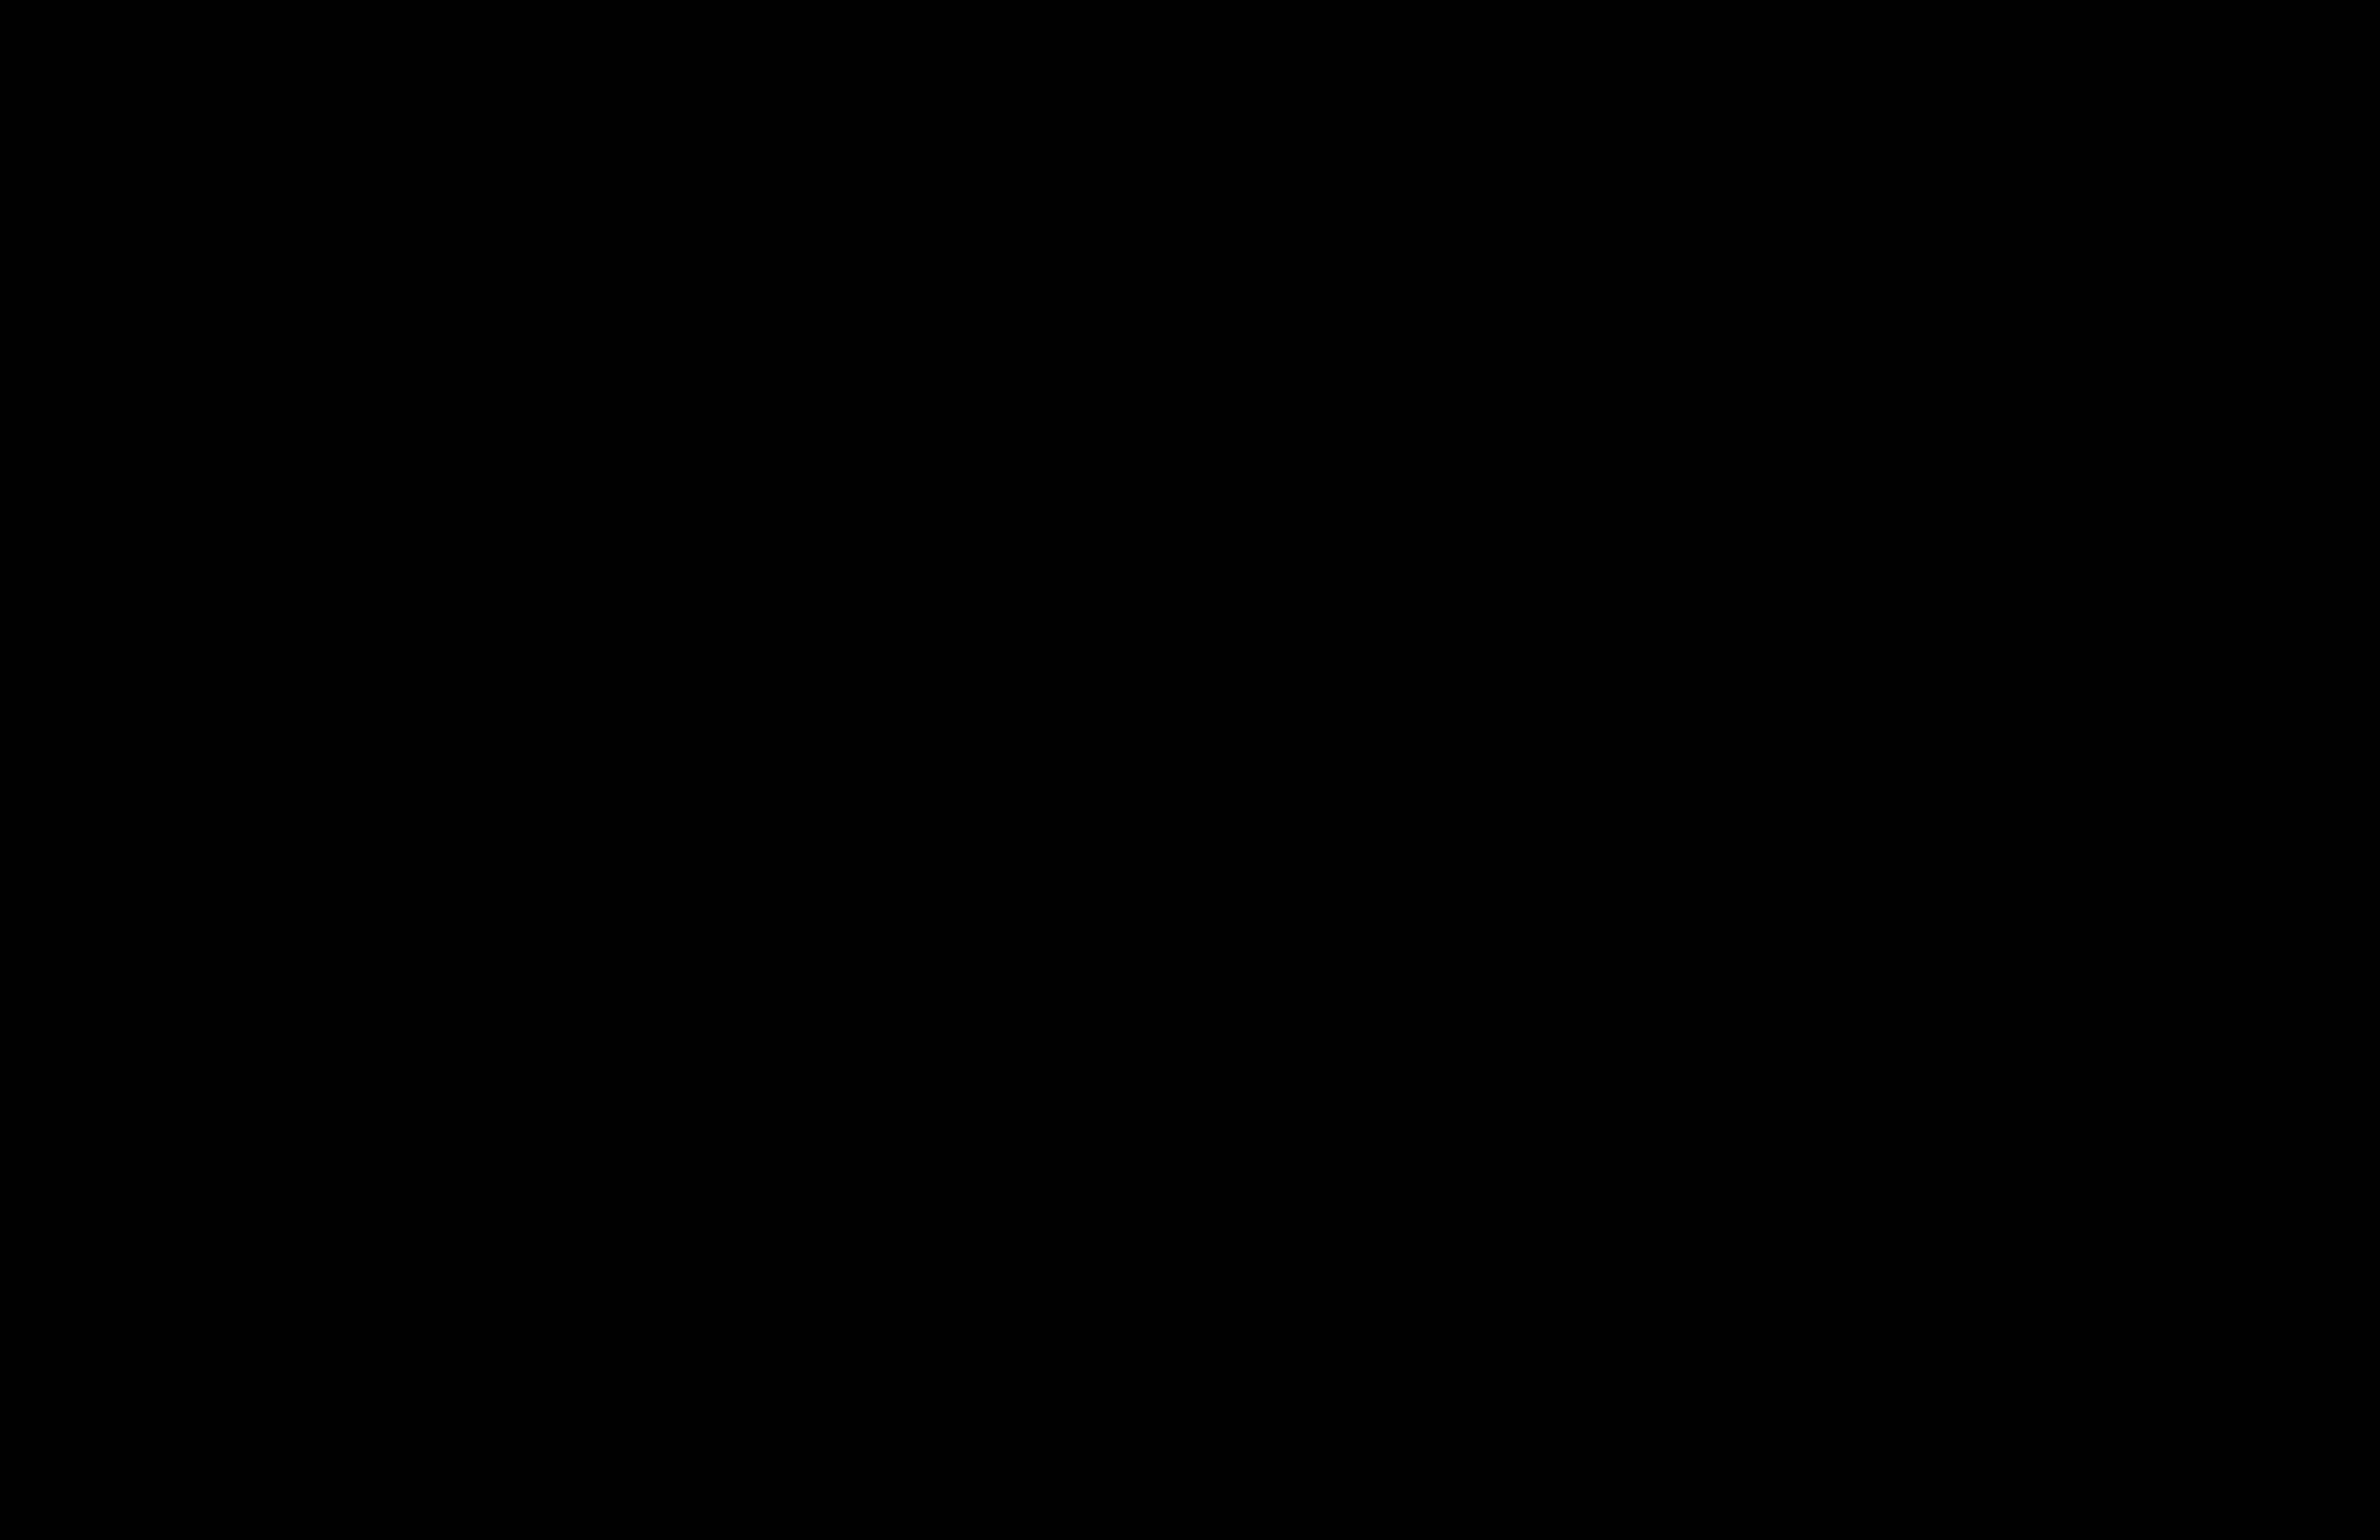 WeatherMaster Metal Roof Sealant